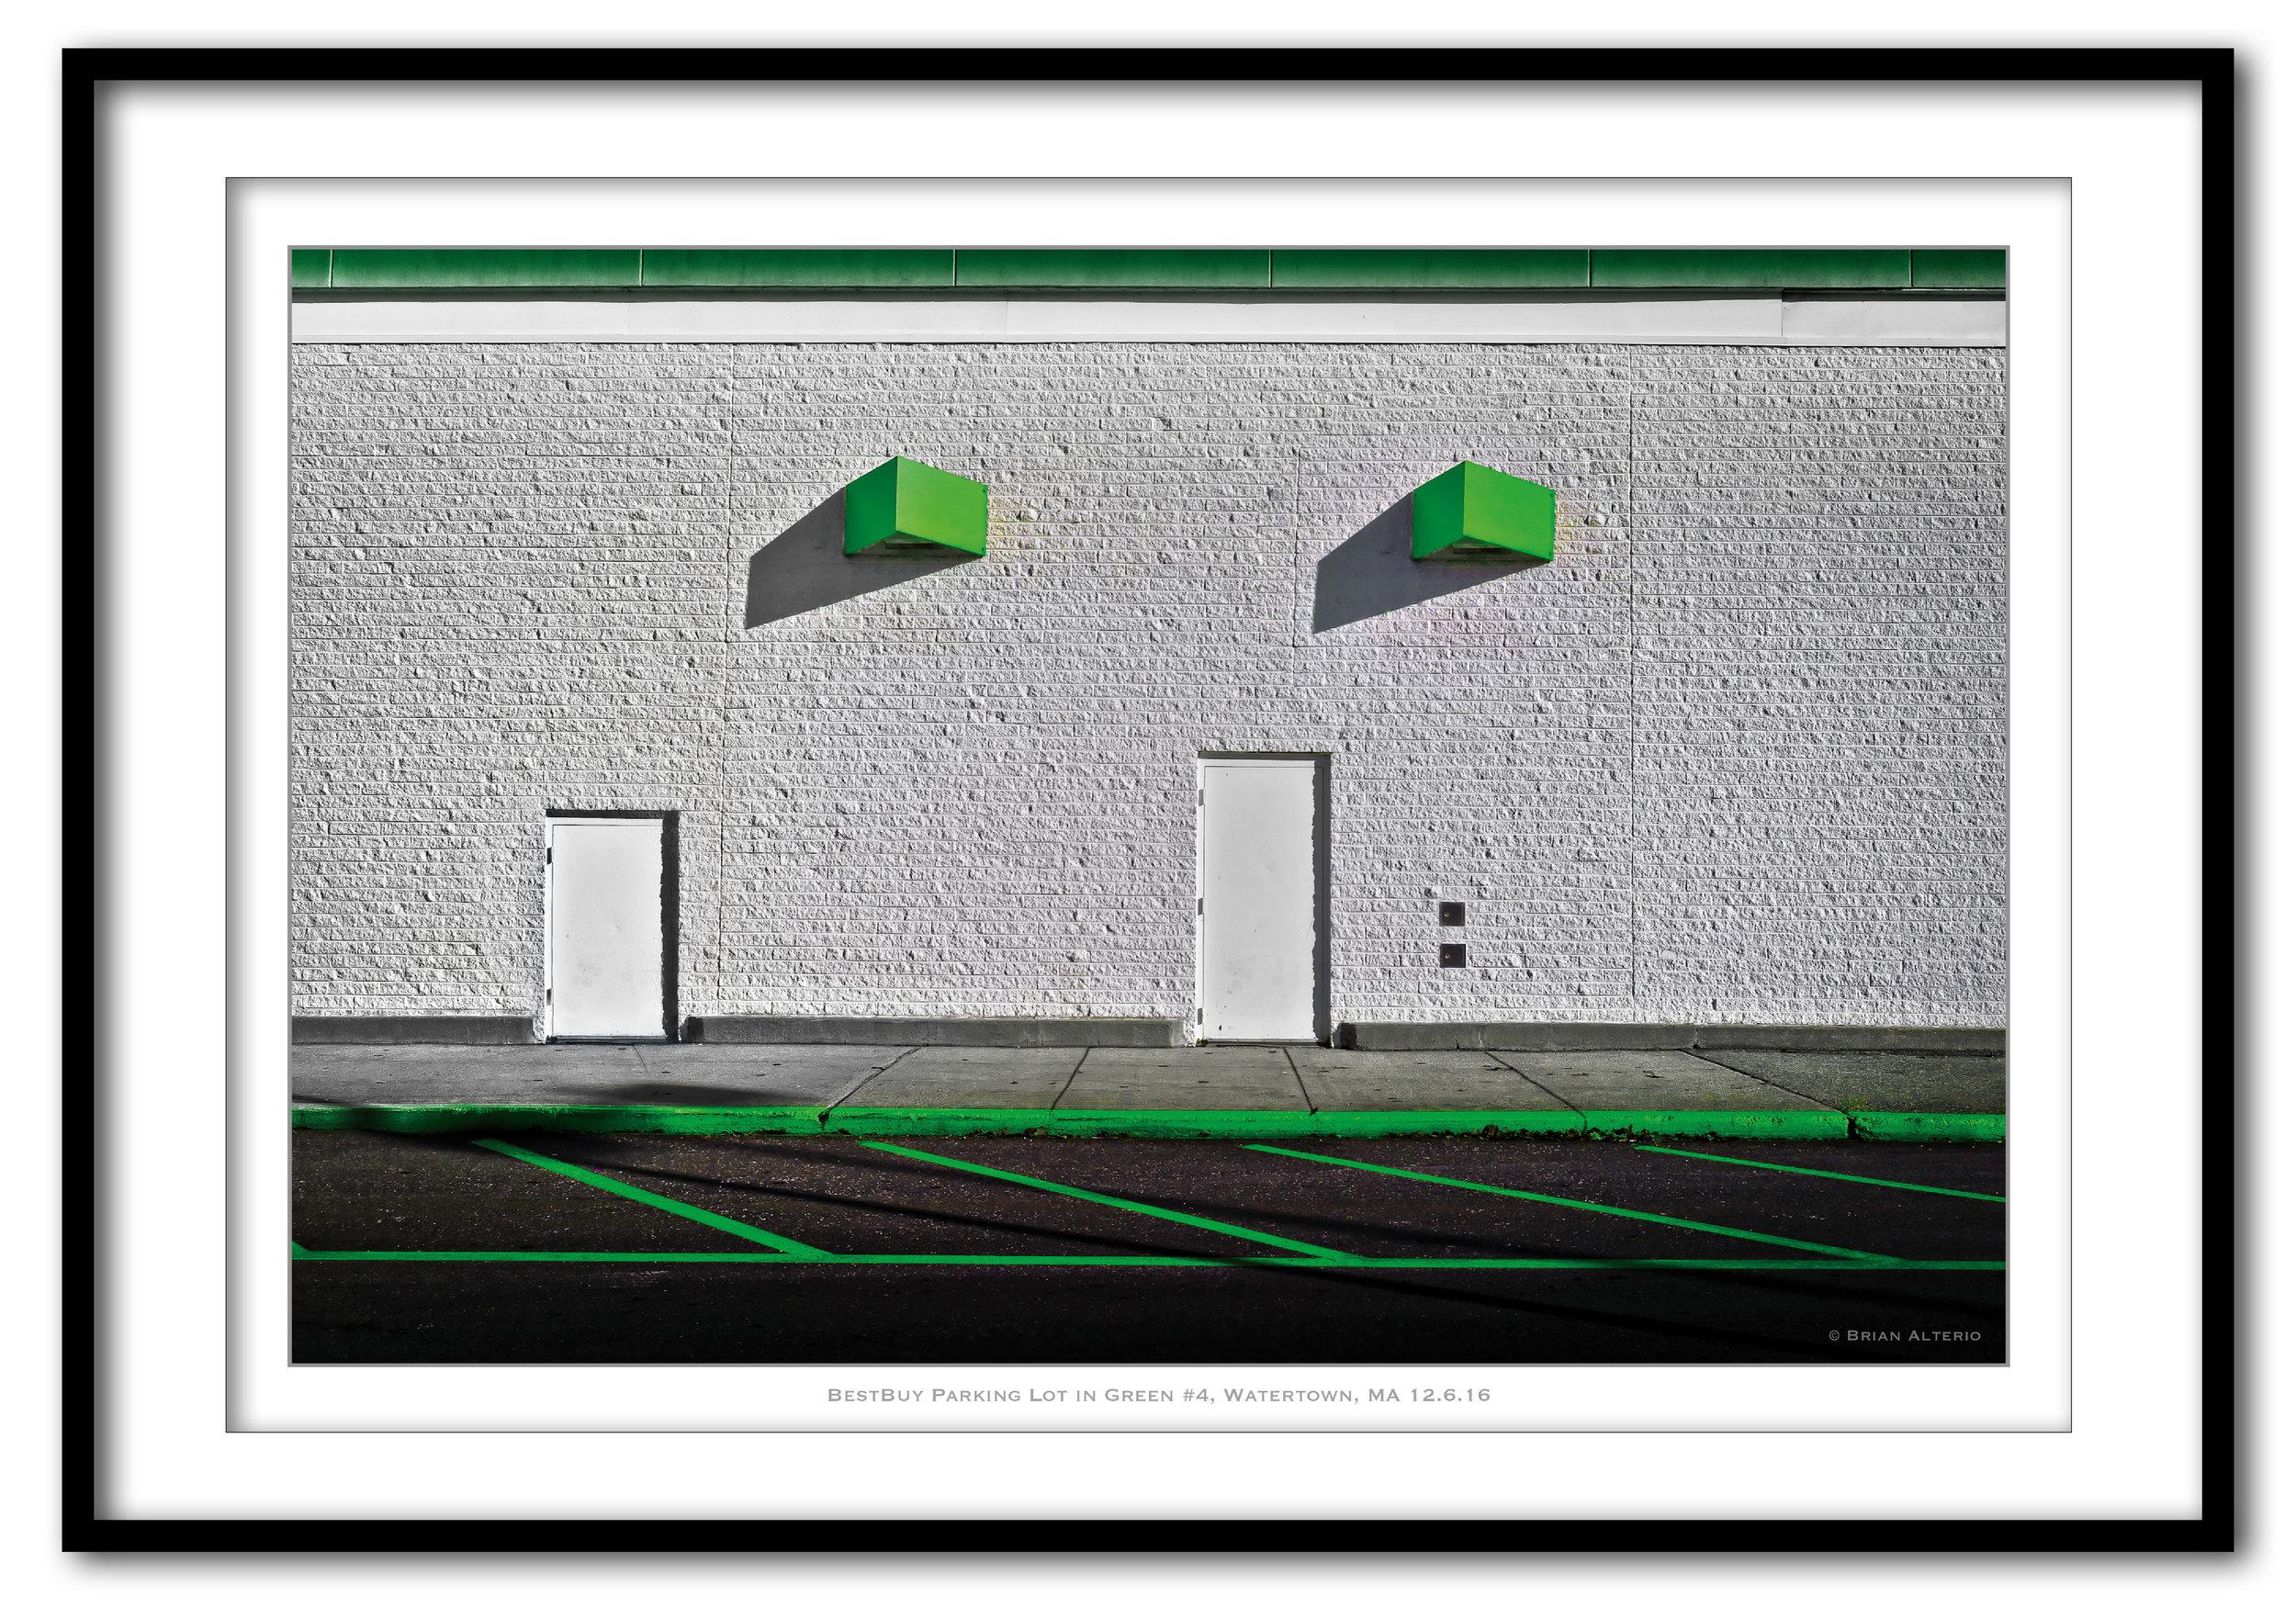 BestBuy Parking Lot in Green #4, Watertown, MA 12.6.16 - Framed.jpg